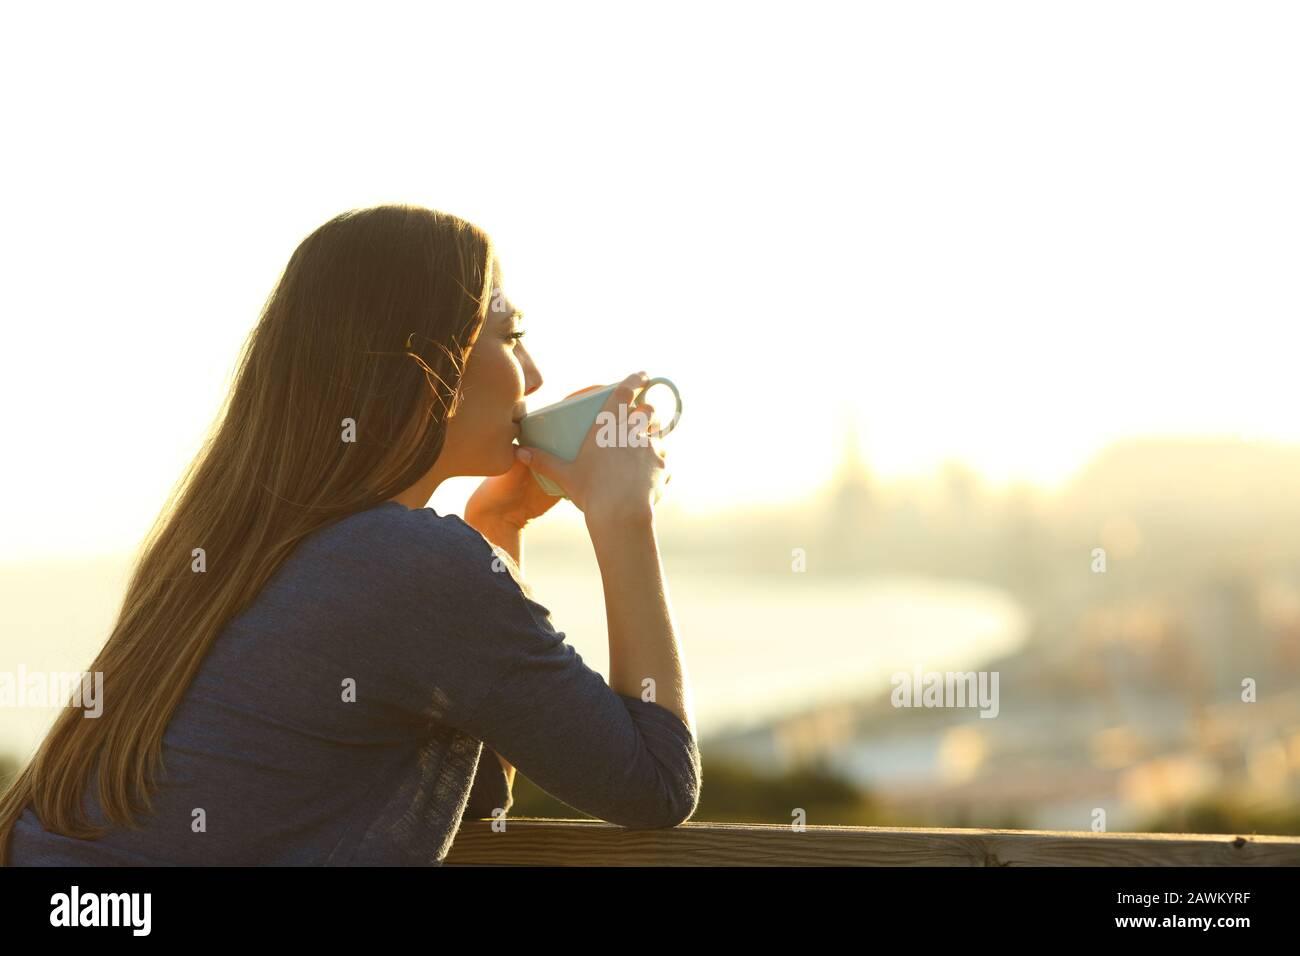 La ragazza felice beve caffè contemplando le viste da un balcone al tramonto Foto Stock